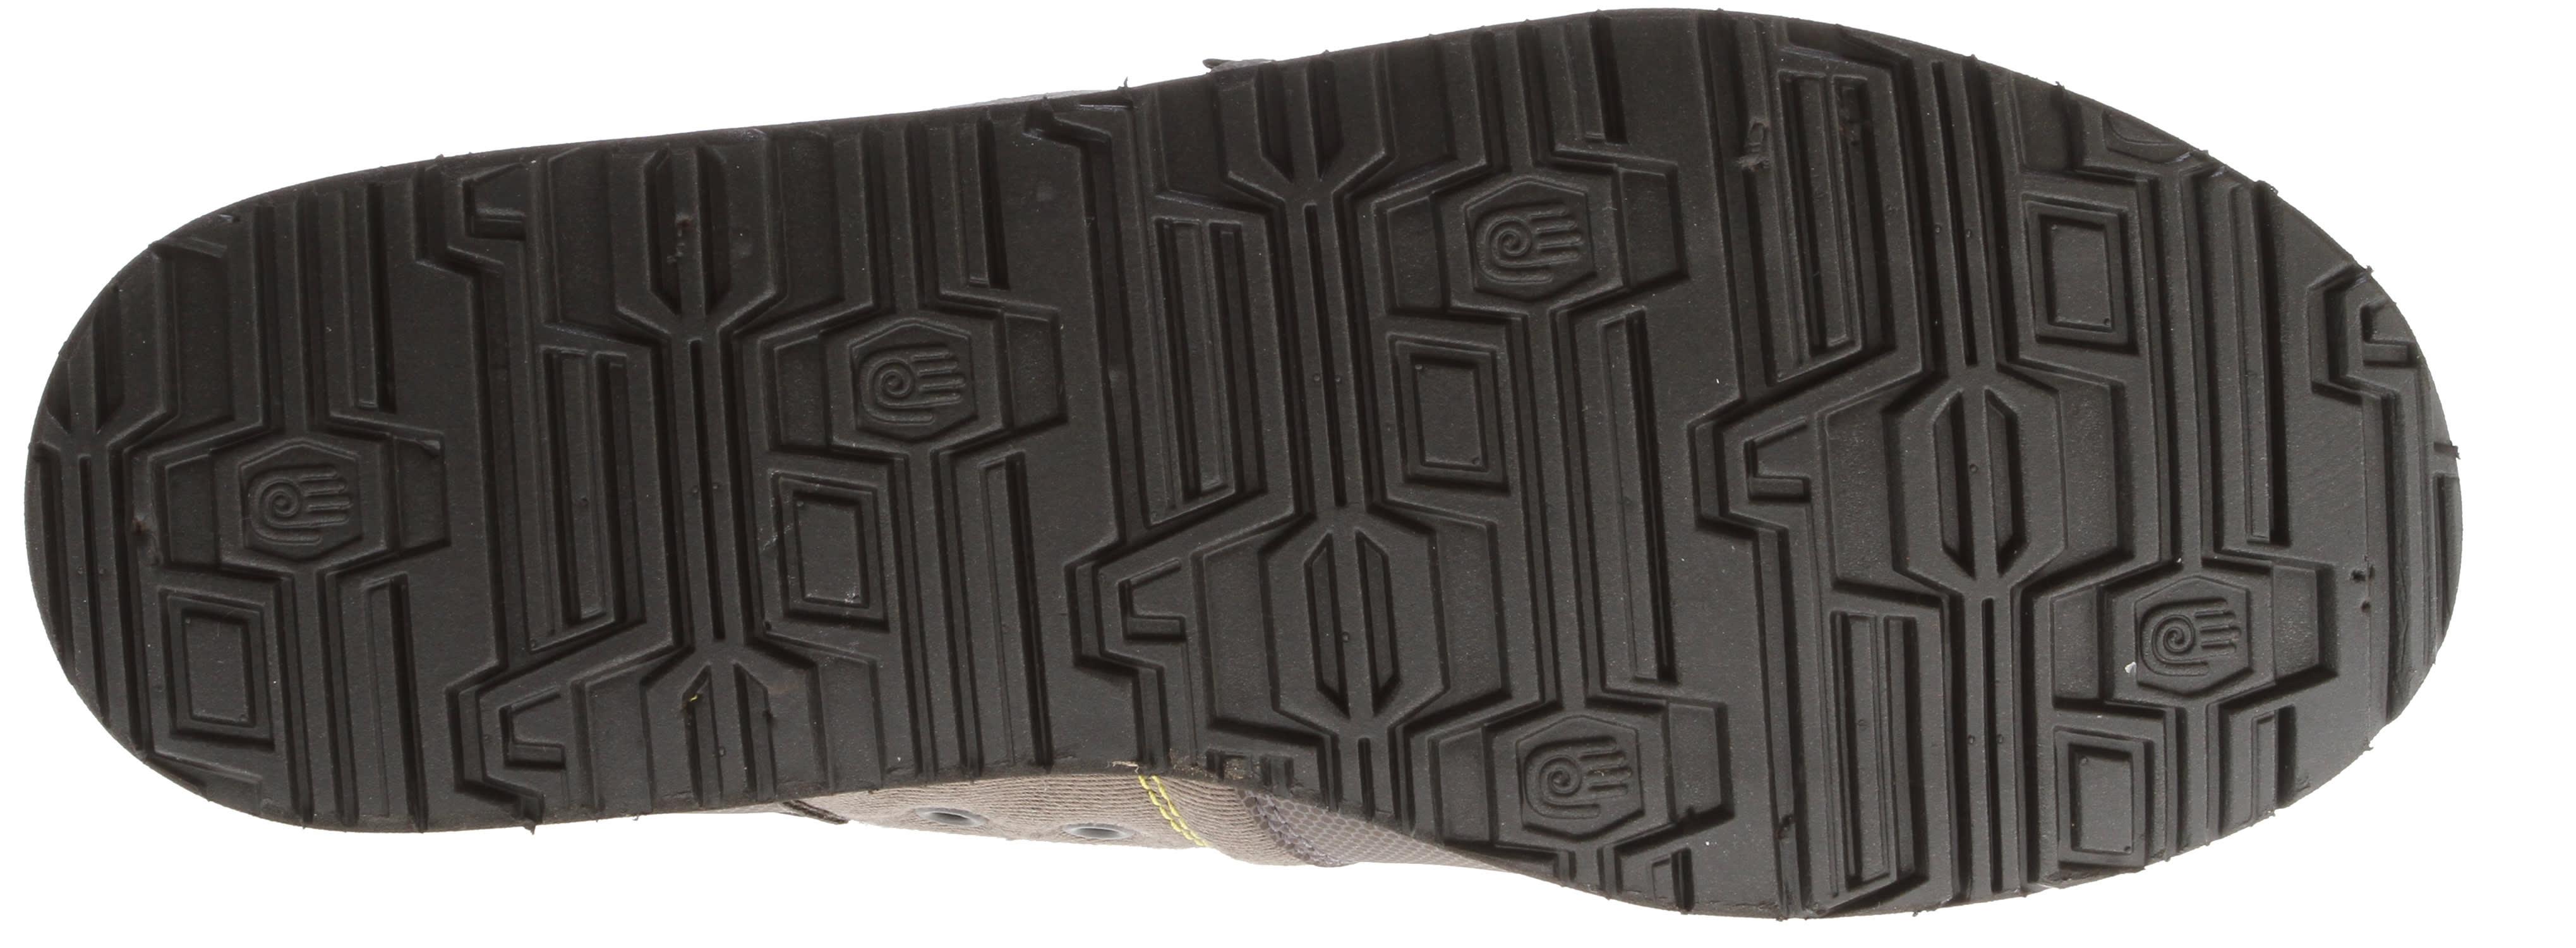 ac1be5e030eb69 Teva Mush Frio Lace Canvas Shoes - thumbnail 4